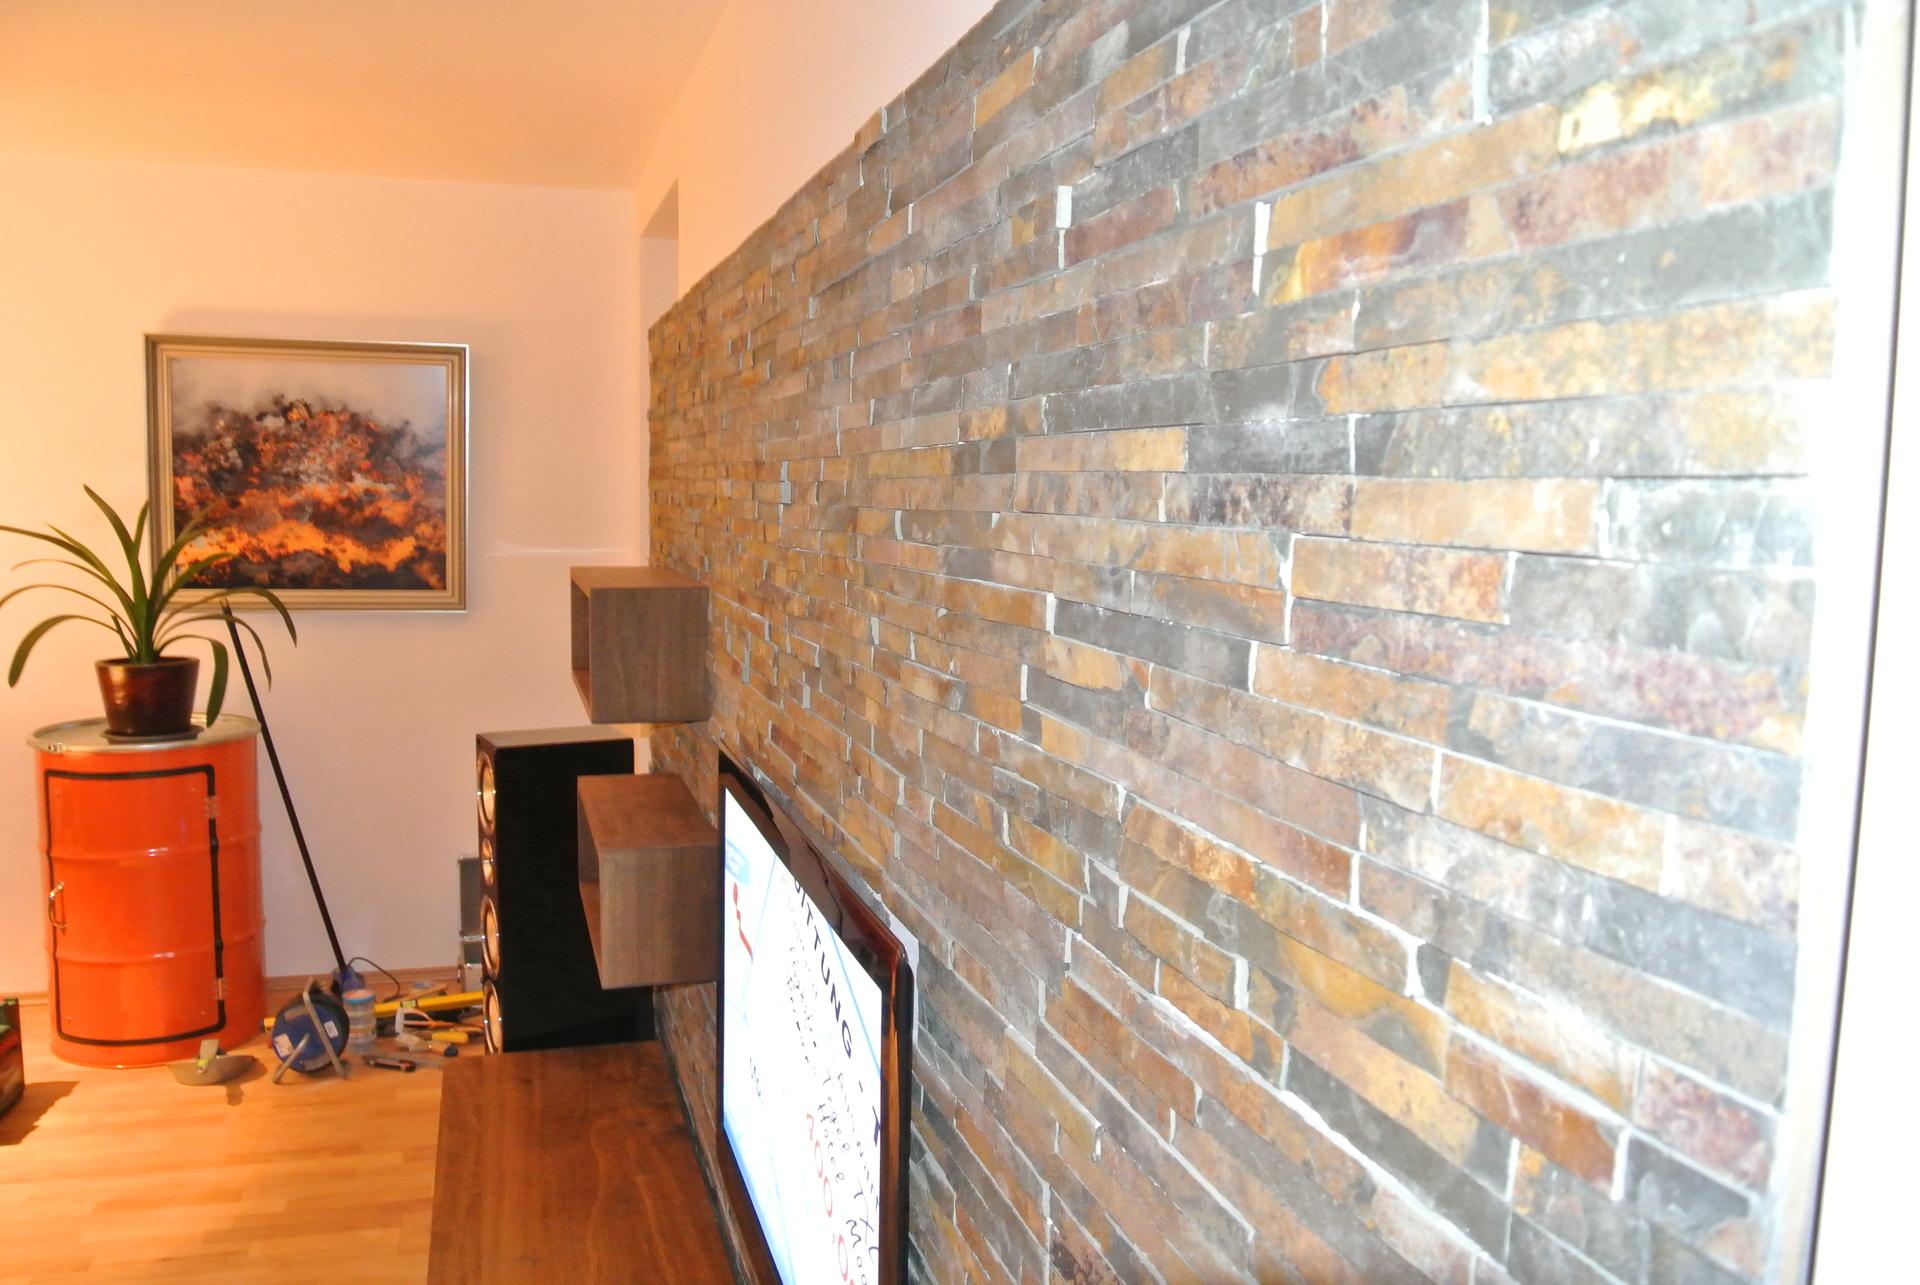 sockenfussel wohnwand 2 sockenfussel wohnwand hifi bildergalerie. Black Bedroom Furniture Sets. Home Design Ideas